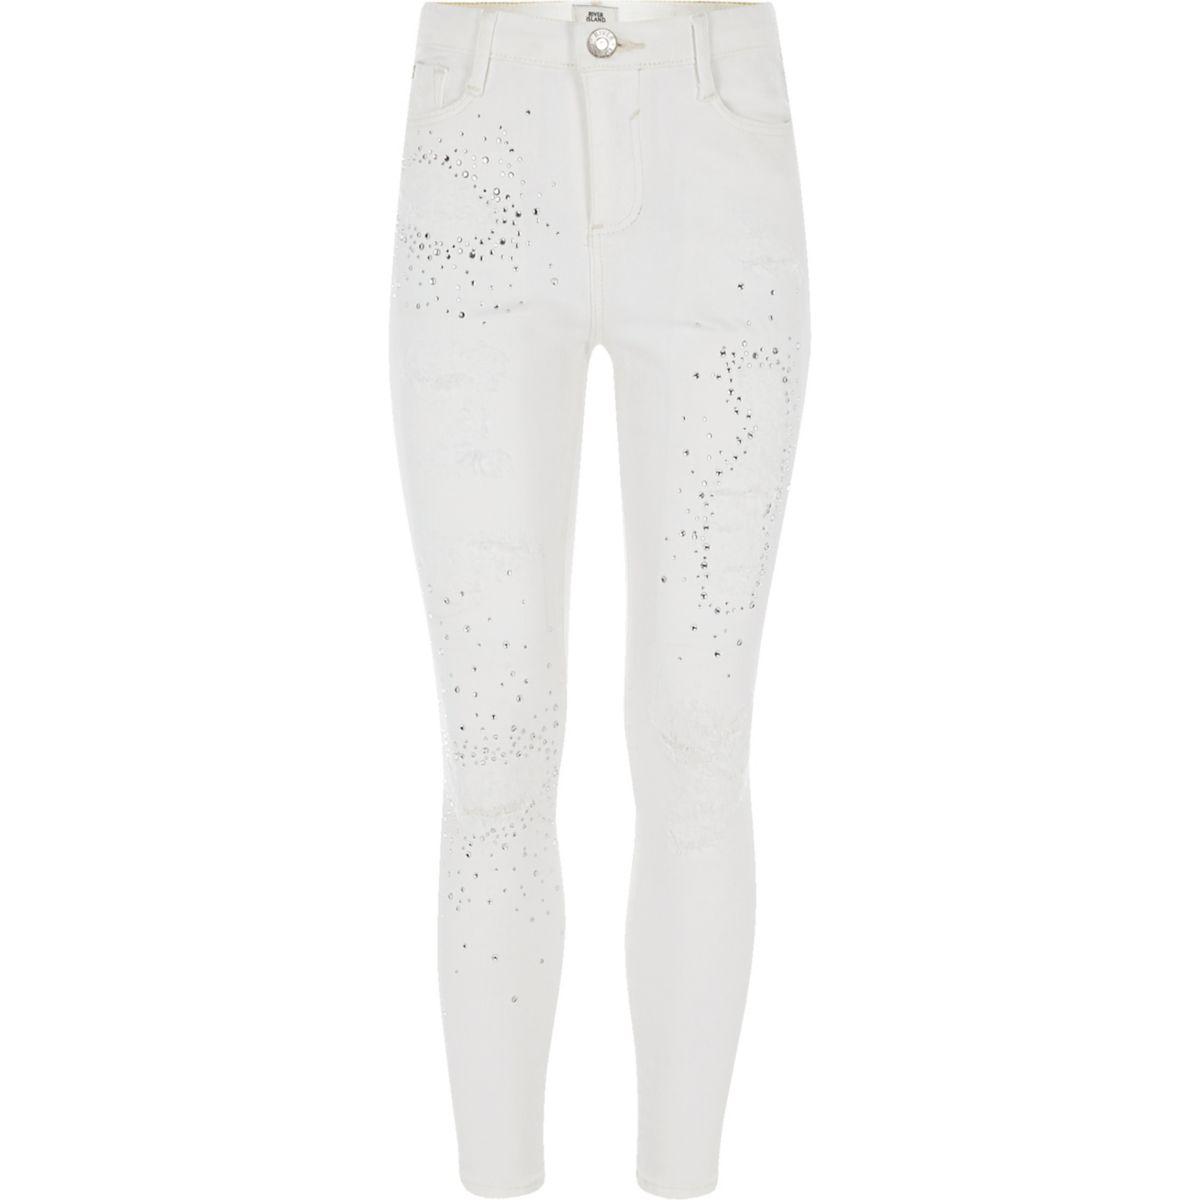 Girls white Amelie embellished jeans